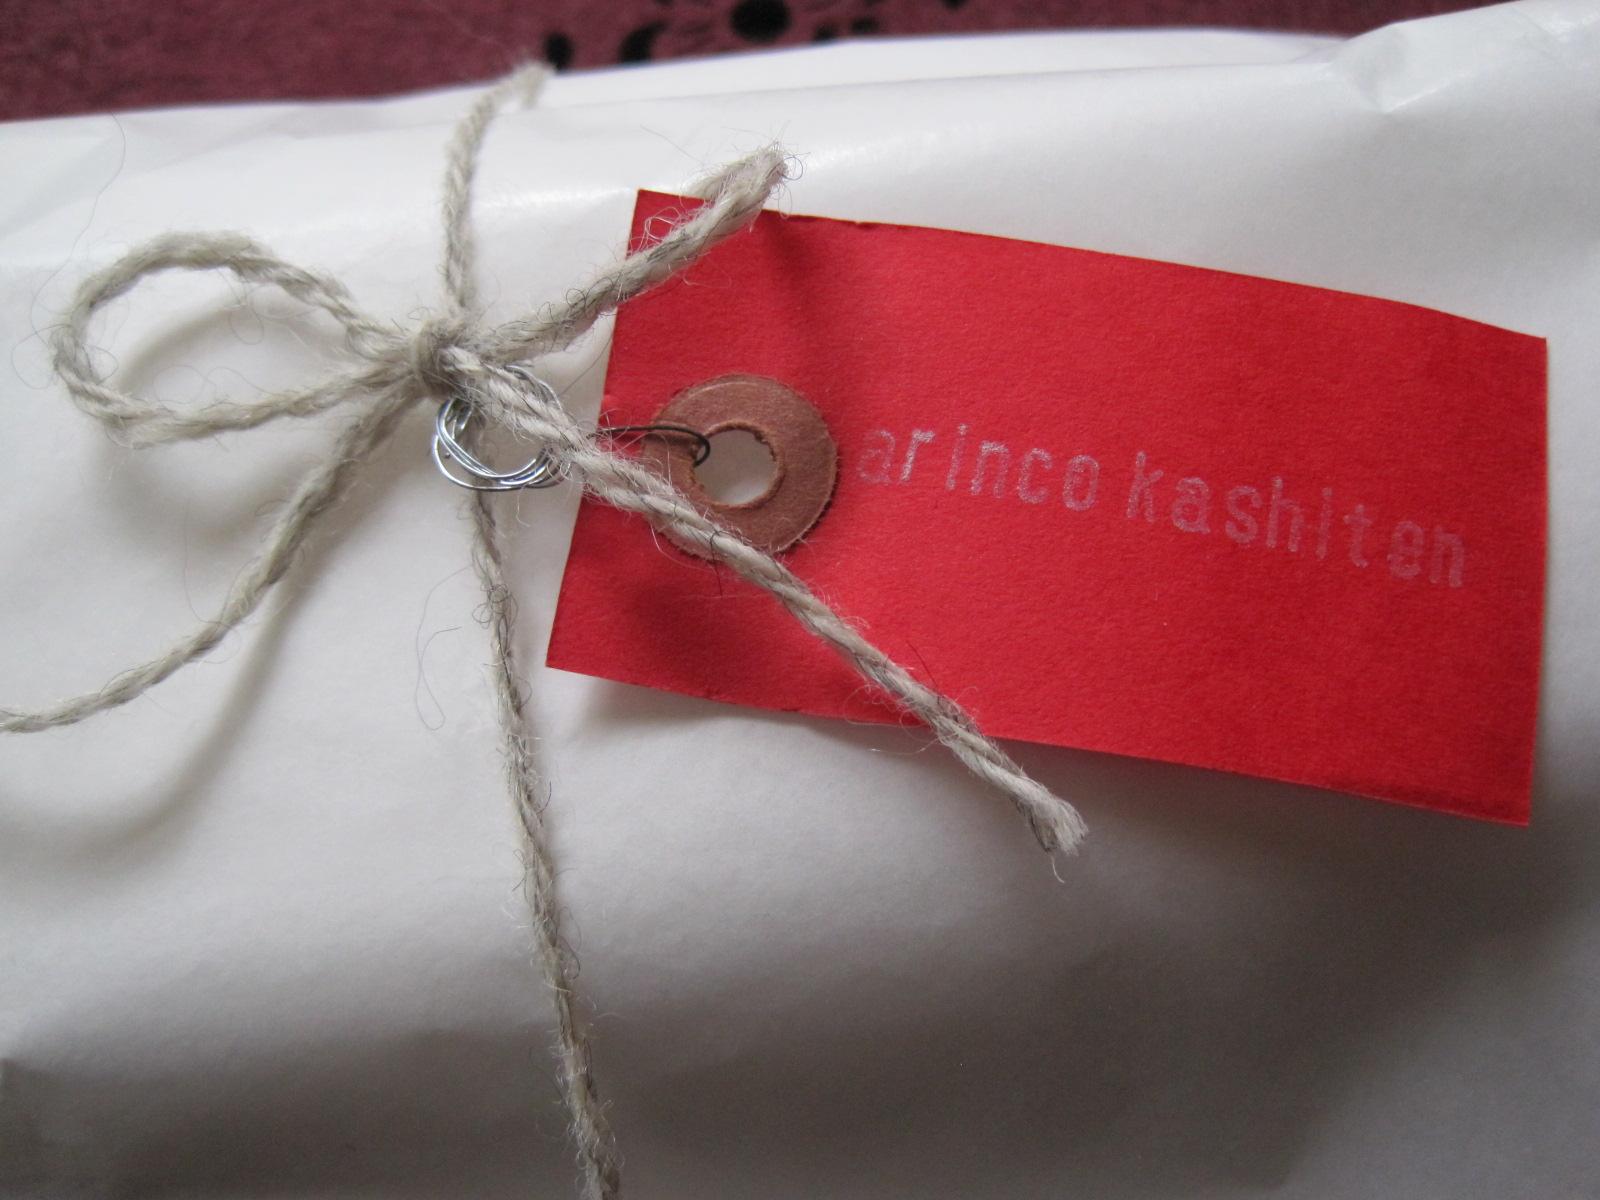 クリスマス仕様のありんこ菓子店_f0236260_2254663.jpg